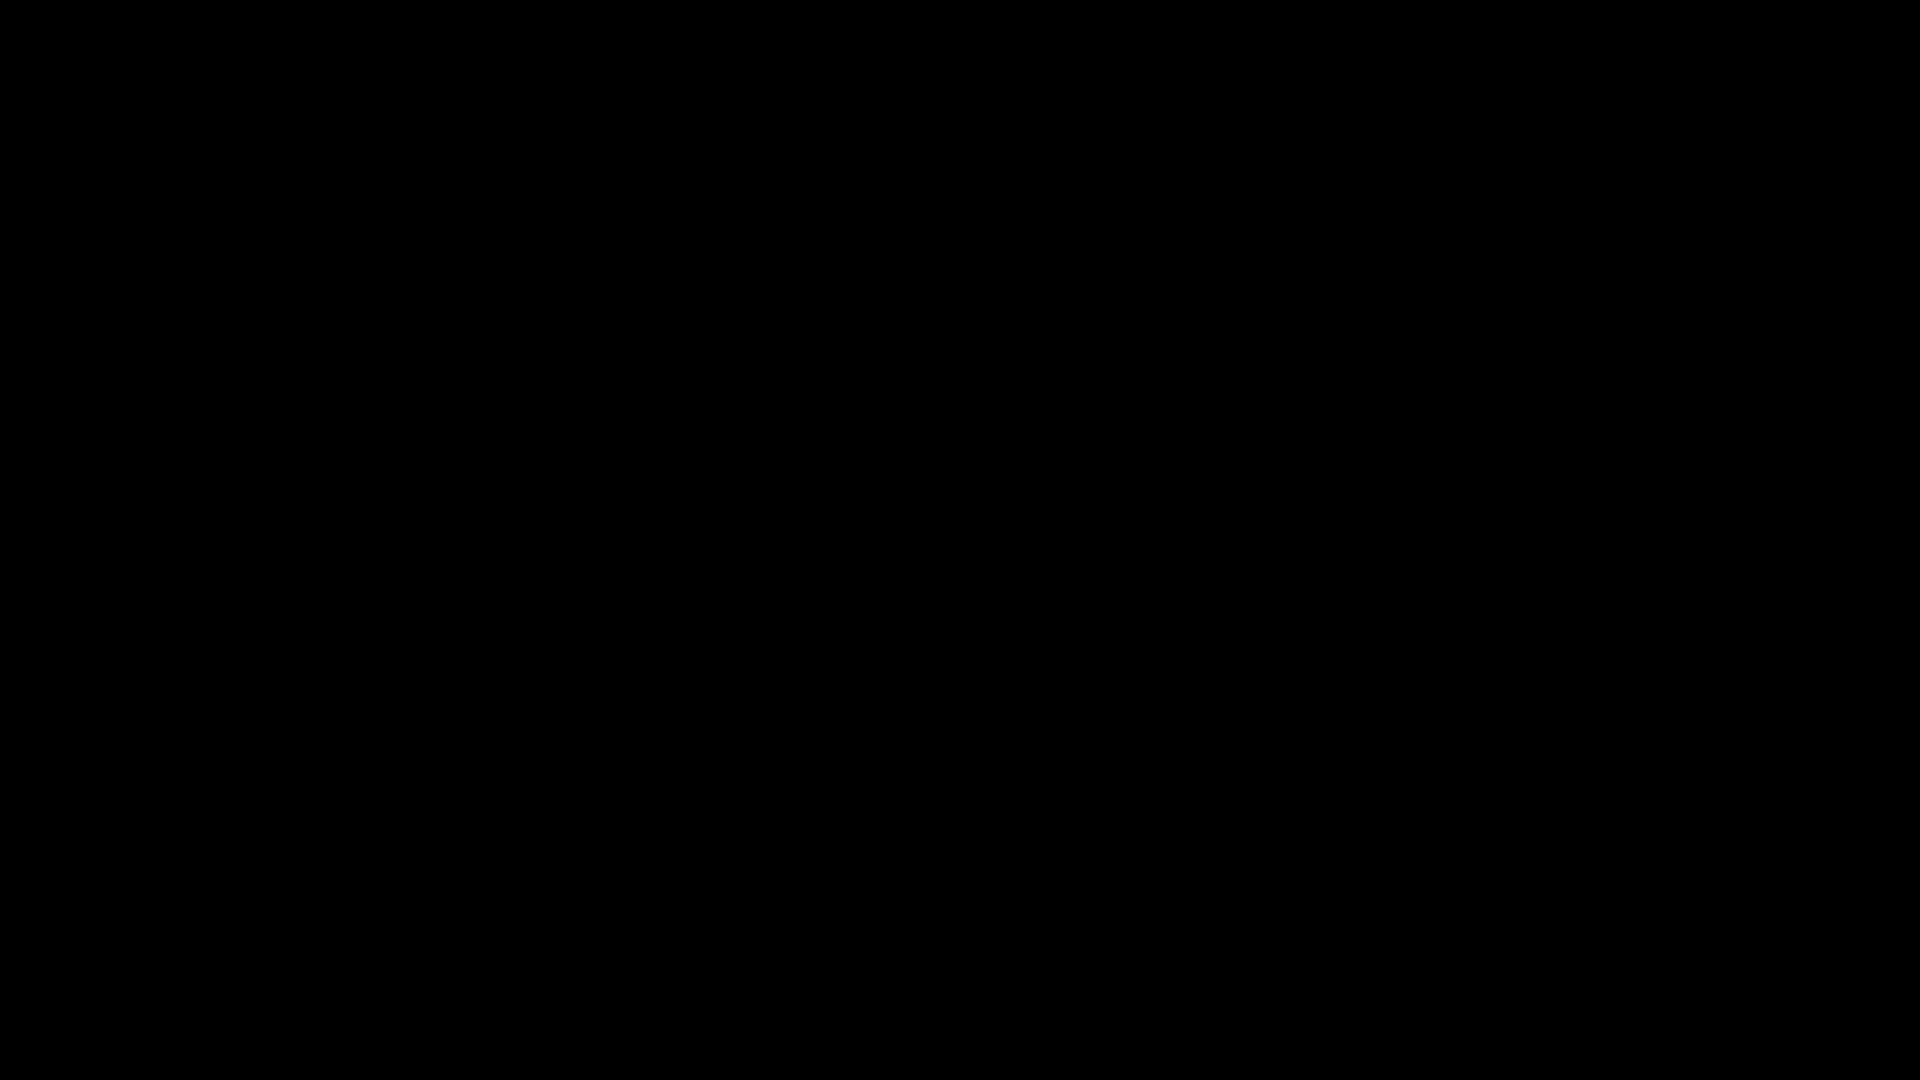 terraria movement GIFs